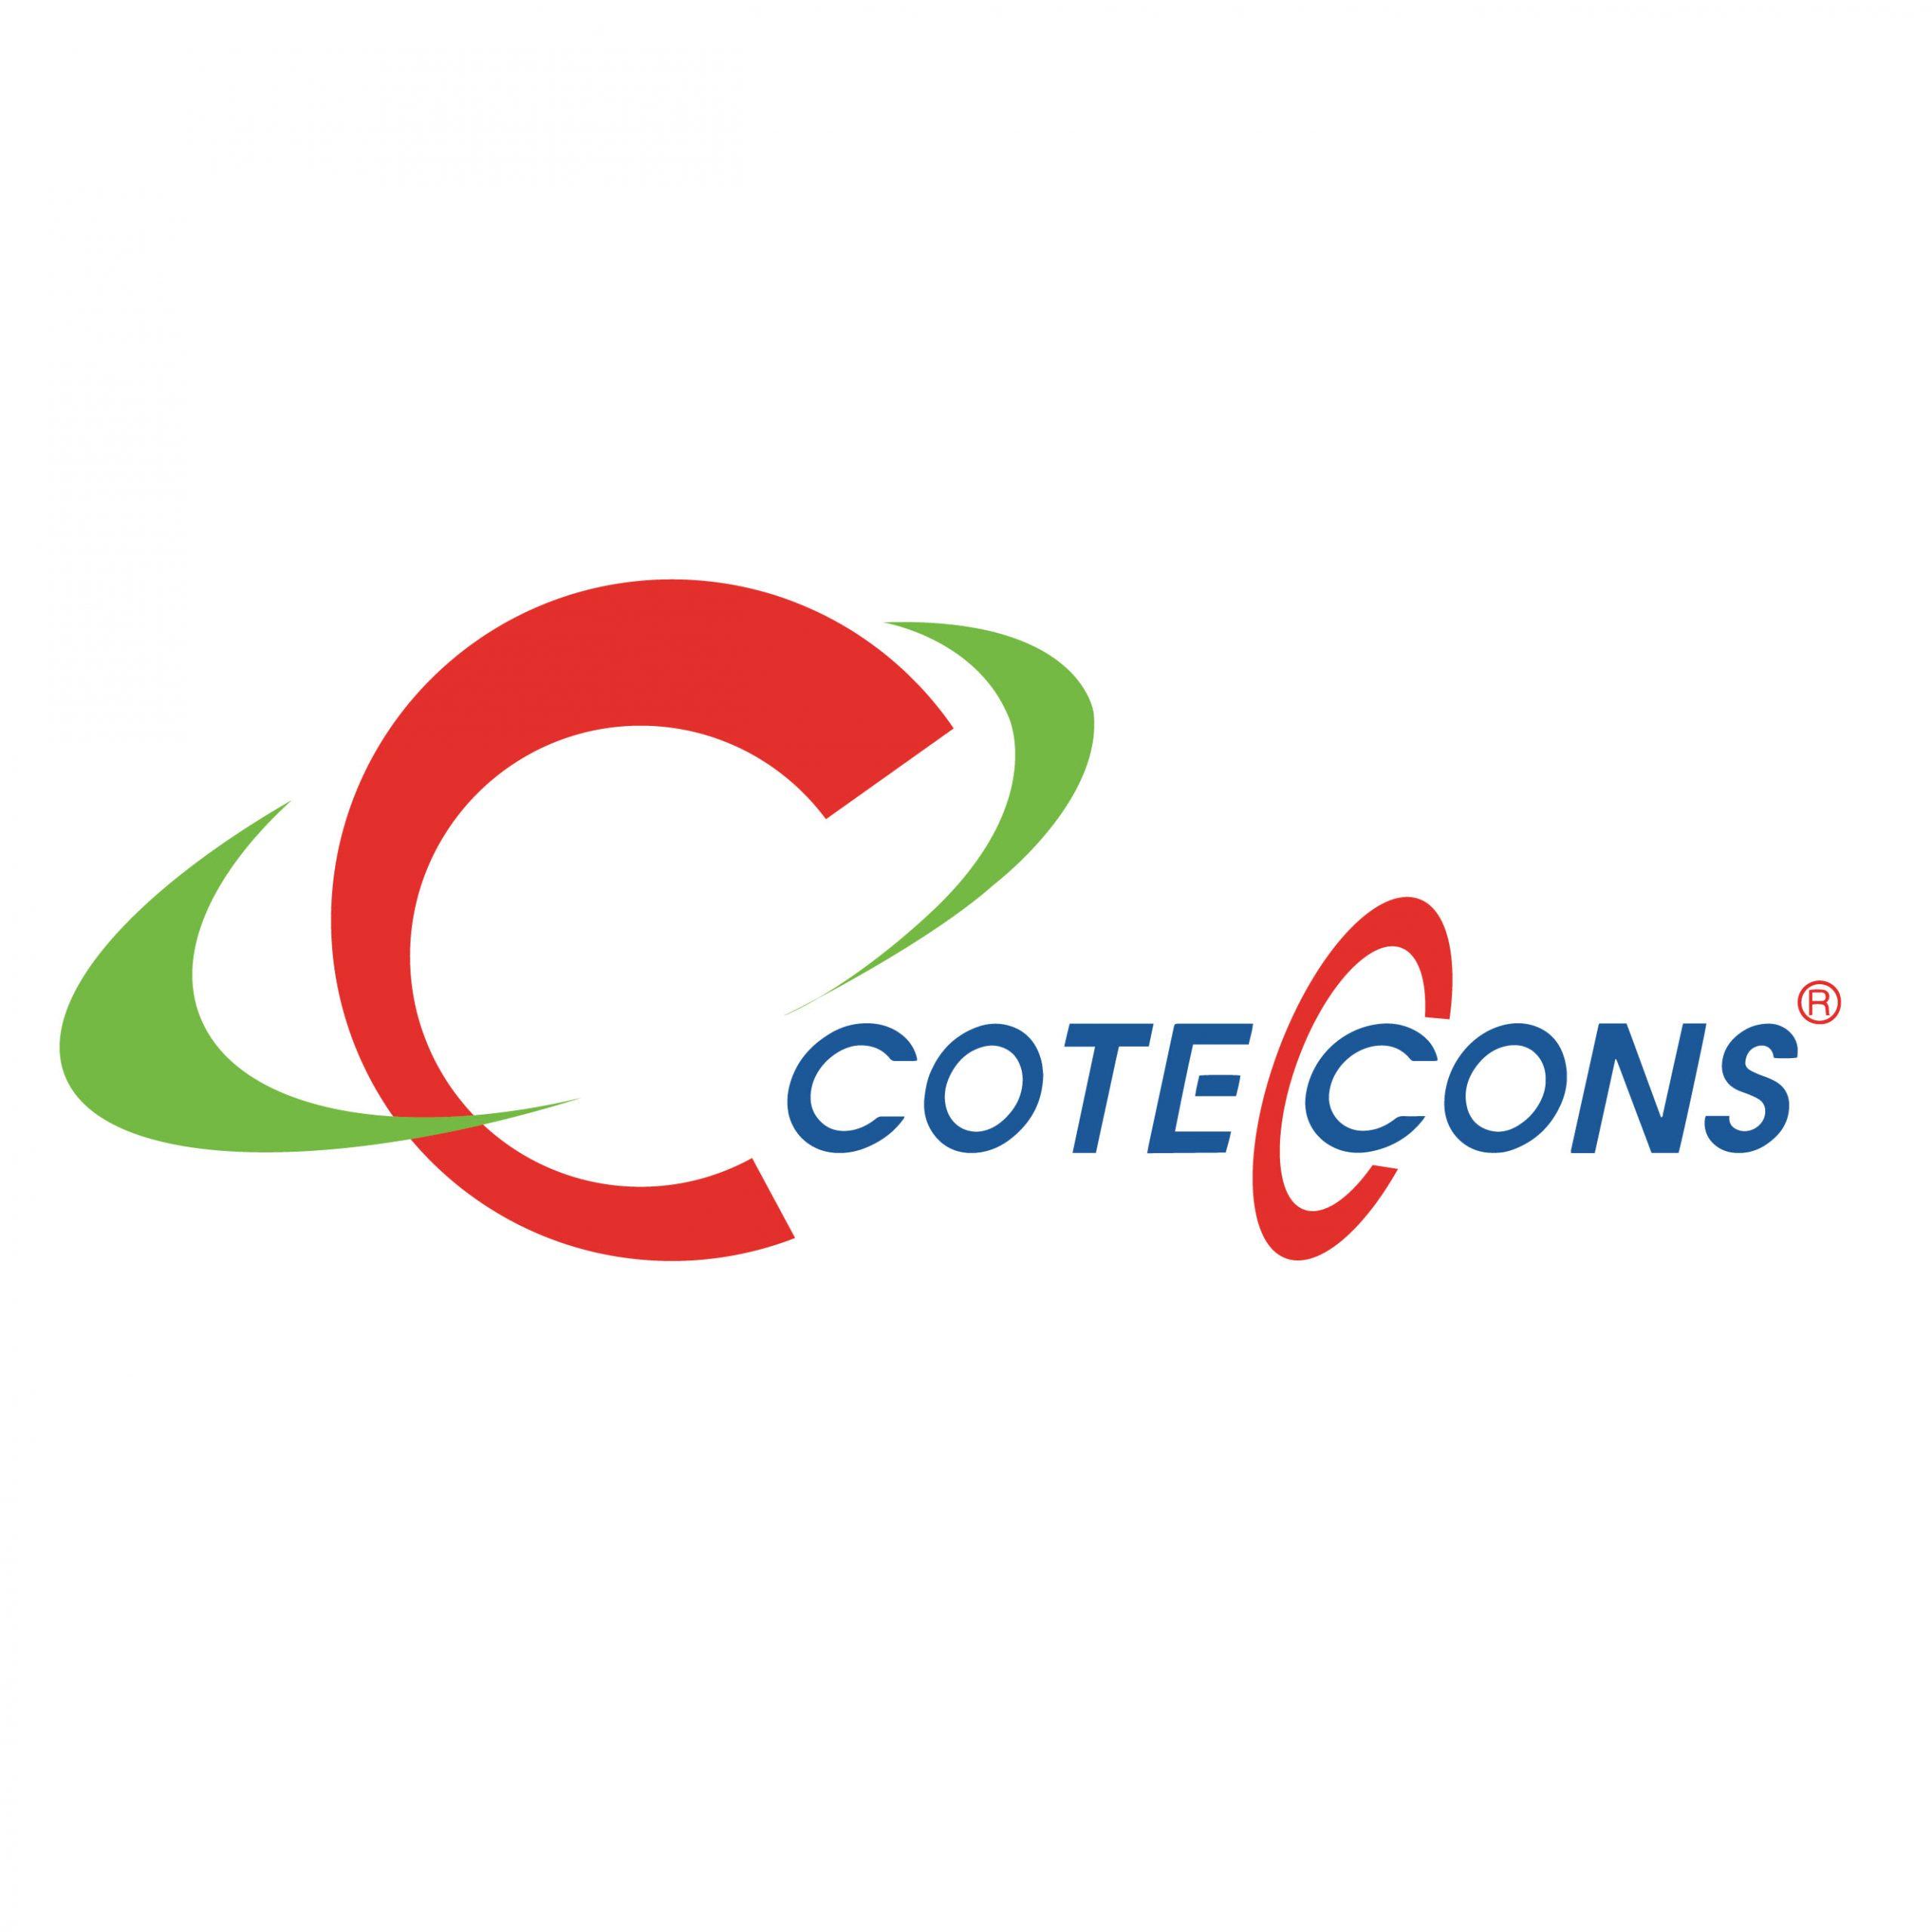 Công ty Cotecons